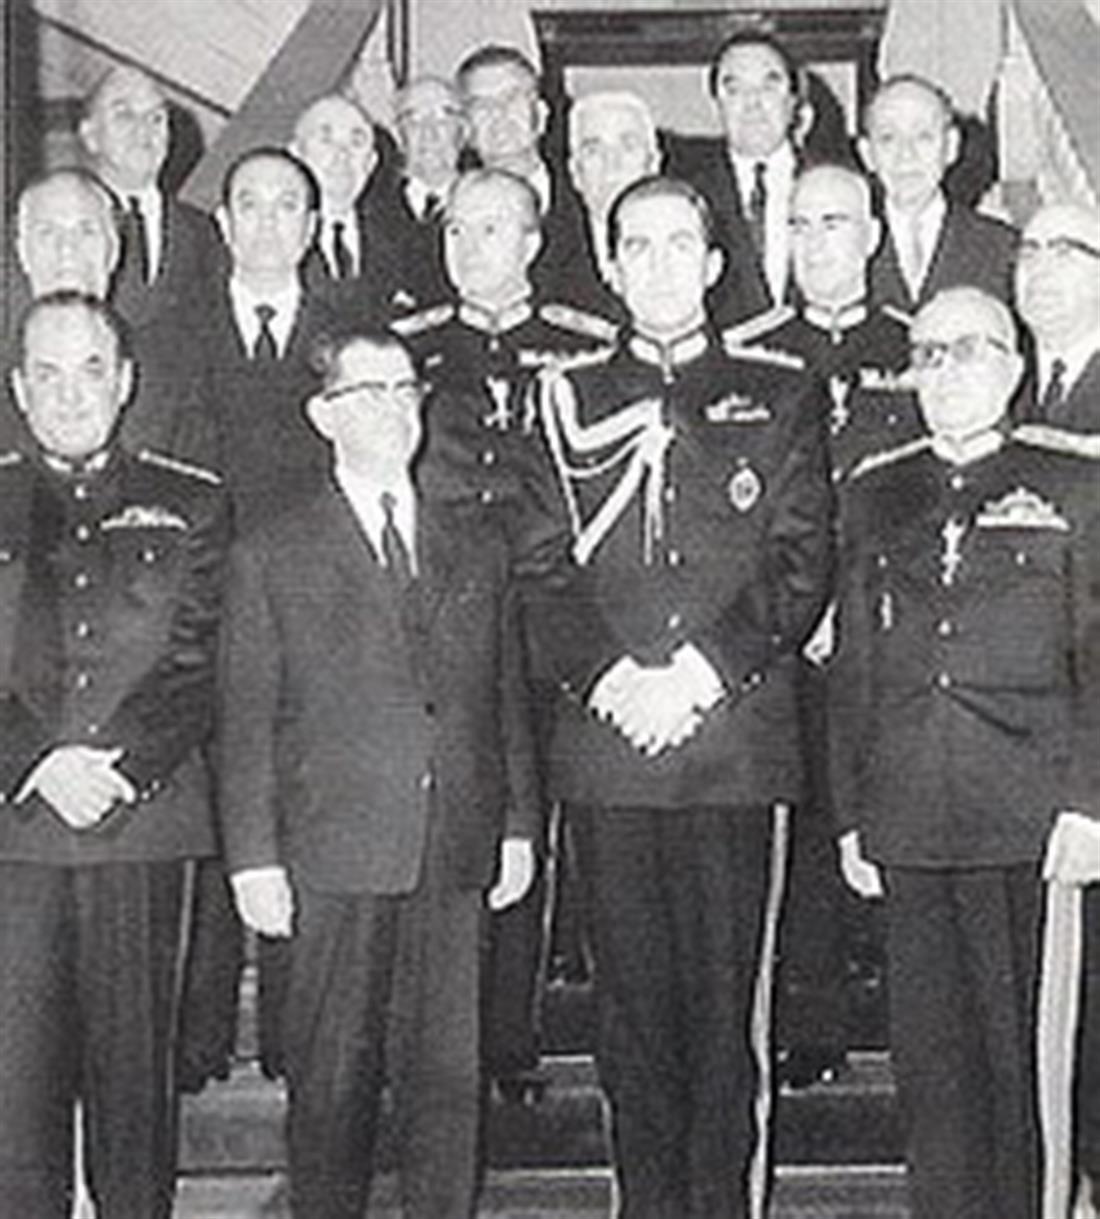 Πραξικόπημα - 21η Απριλίου 1967